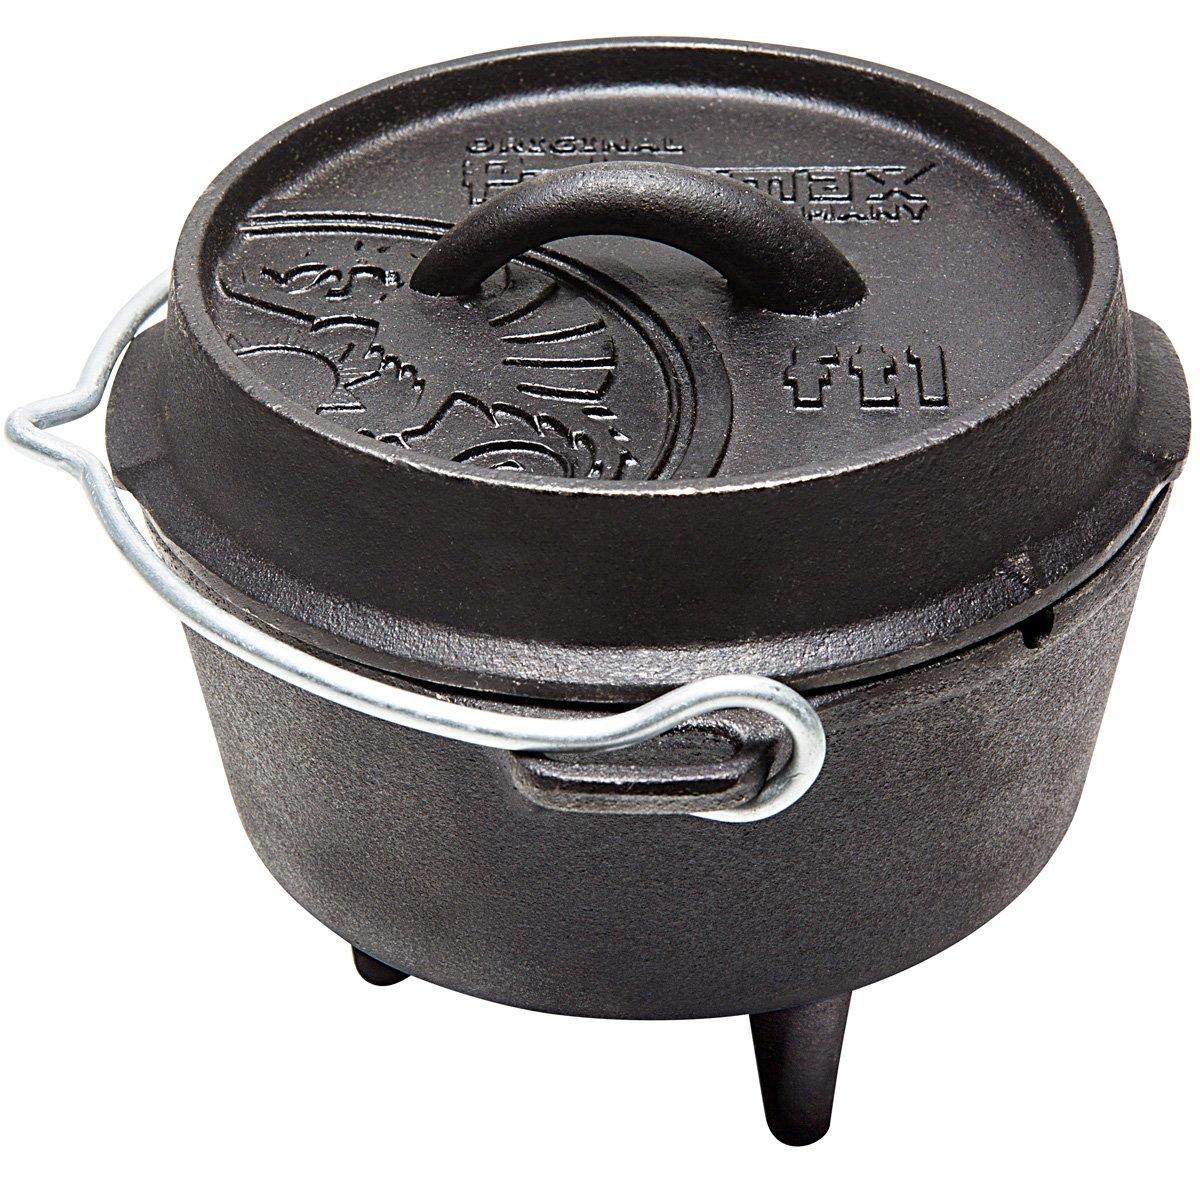 Feuertopf ft1 aus Gusseisen in schwarz Deckel auch als Pfanne nutzbar • Dutch Oven Schmortopf Grill Topf Töpfe Bräter